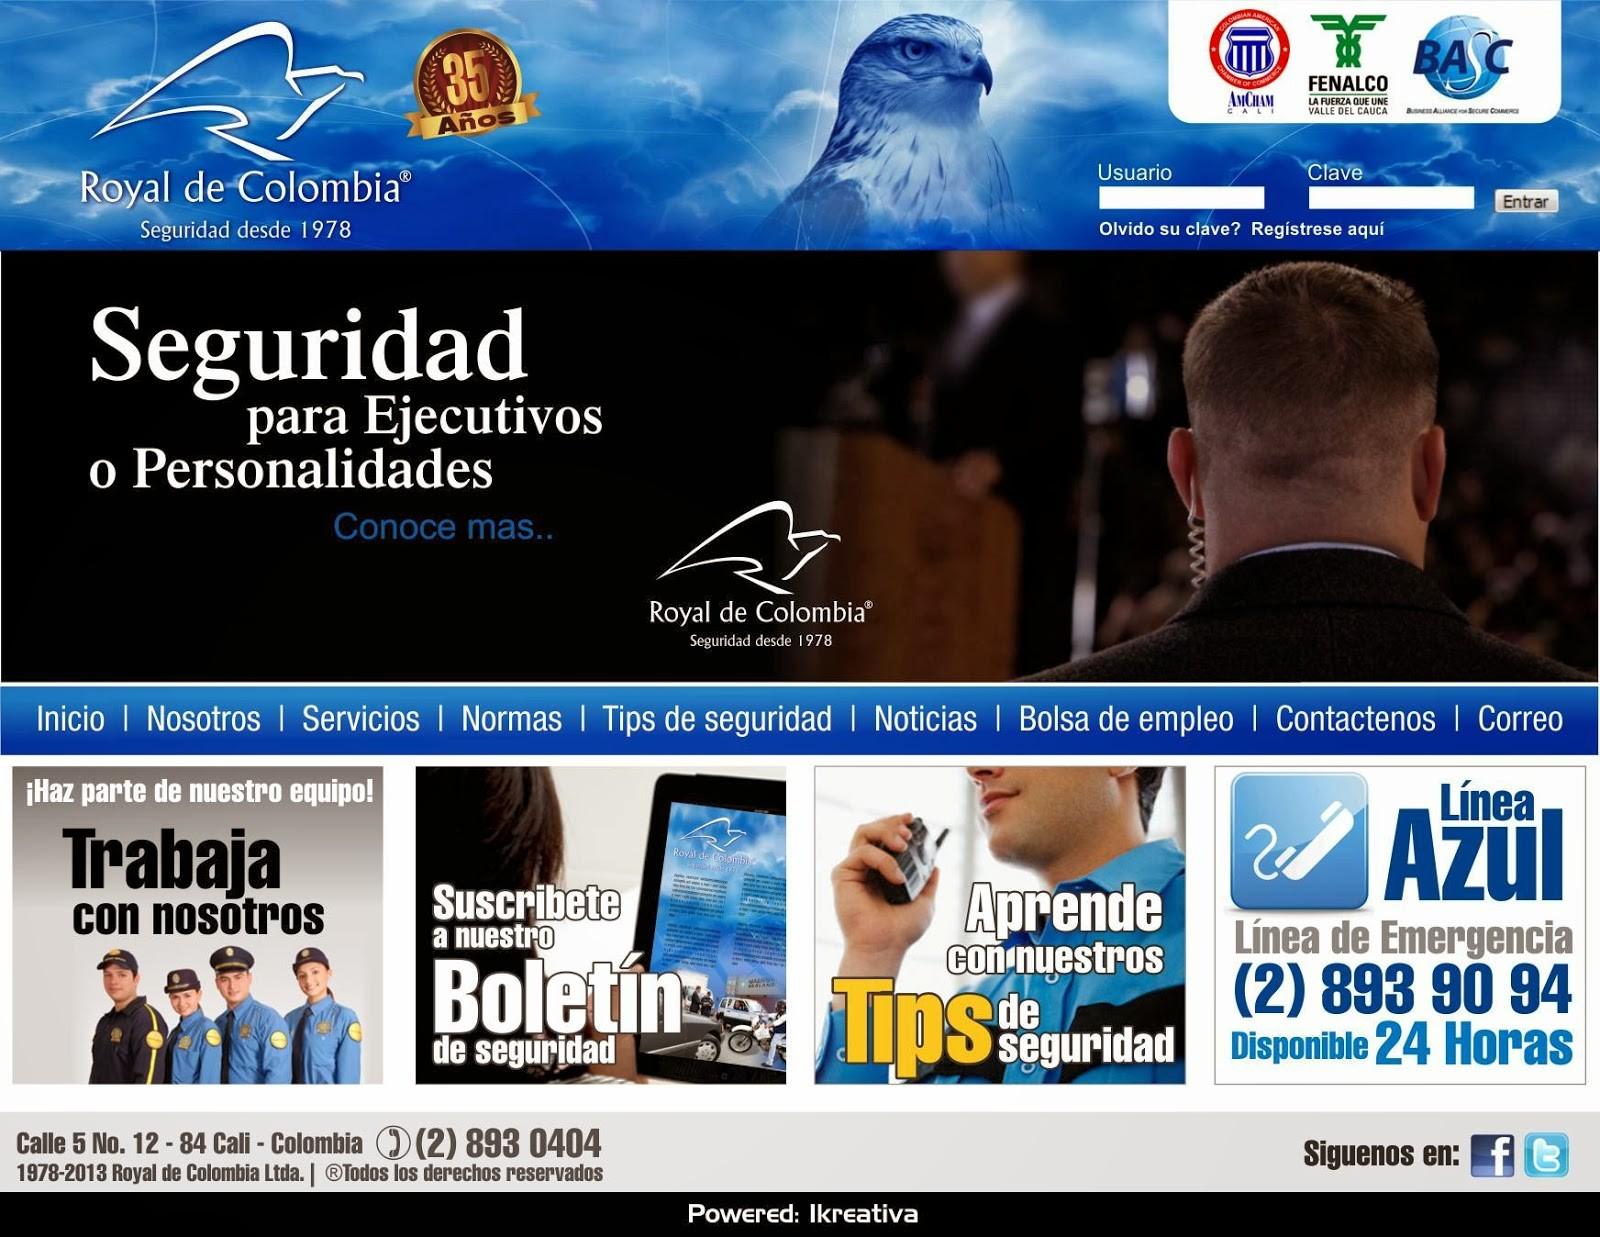 pag web royal de colombia 2 inicio